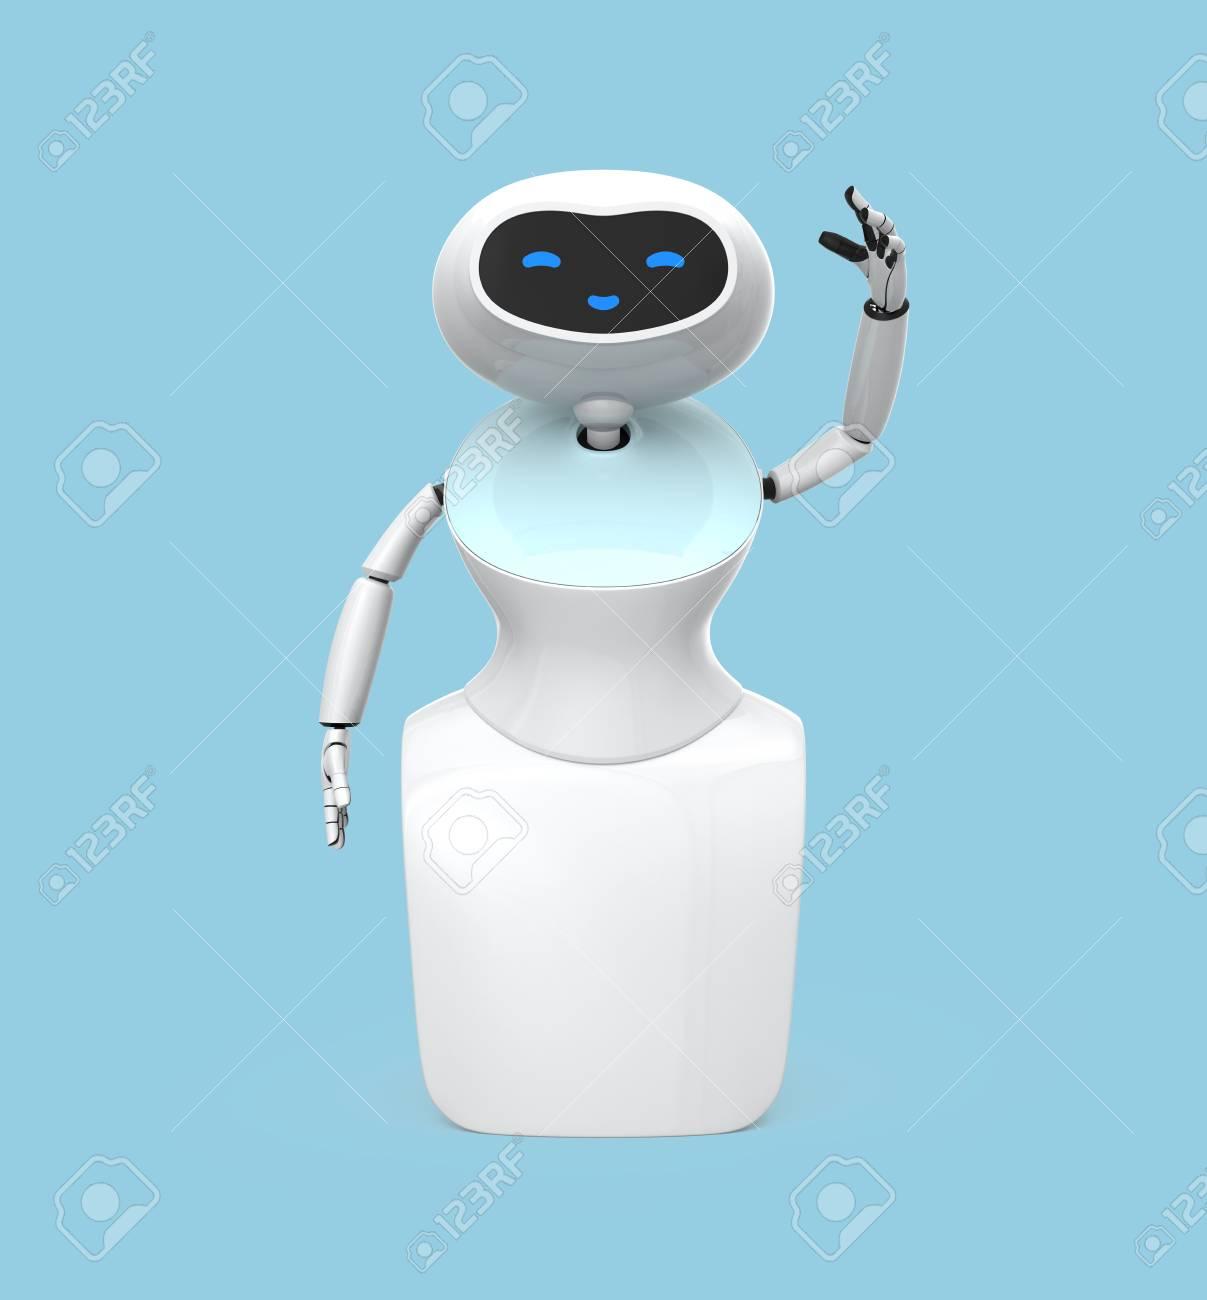 Vue De Face Du Robot Humanoide Avec Ecran Tactile Isole Sur Fond Bleu Clair Image De Rendu 3d Banque D Images Et Photos Libres De Droits Image 71429737